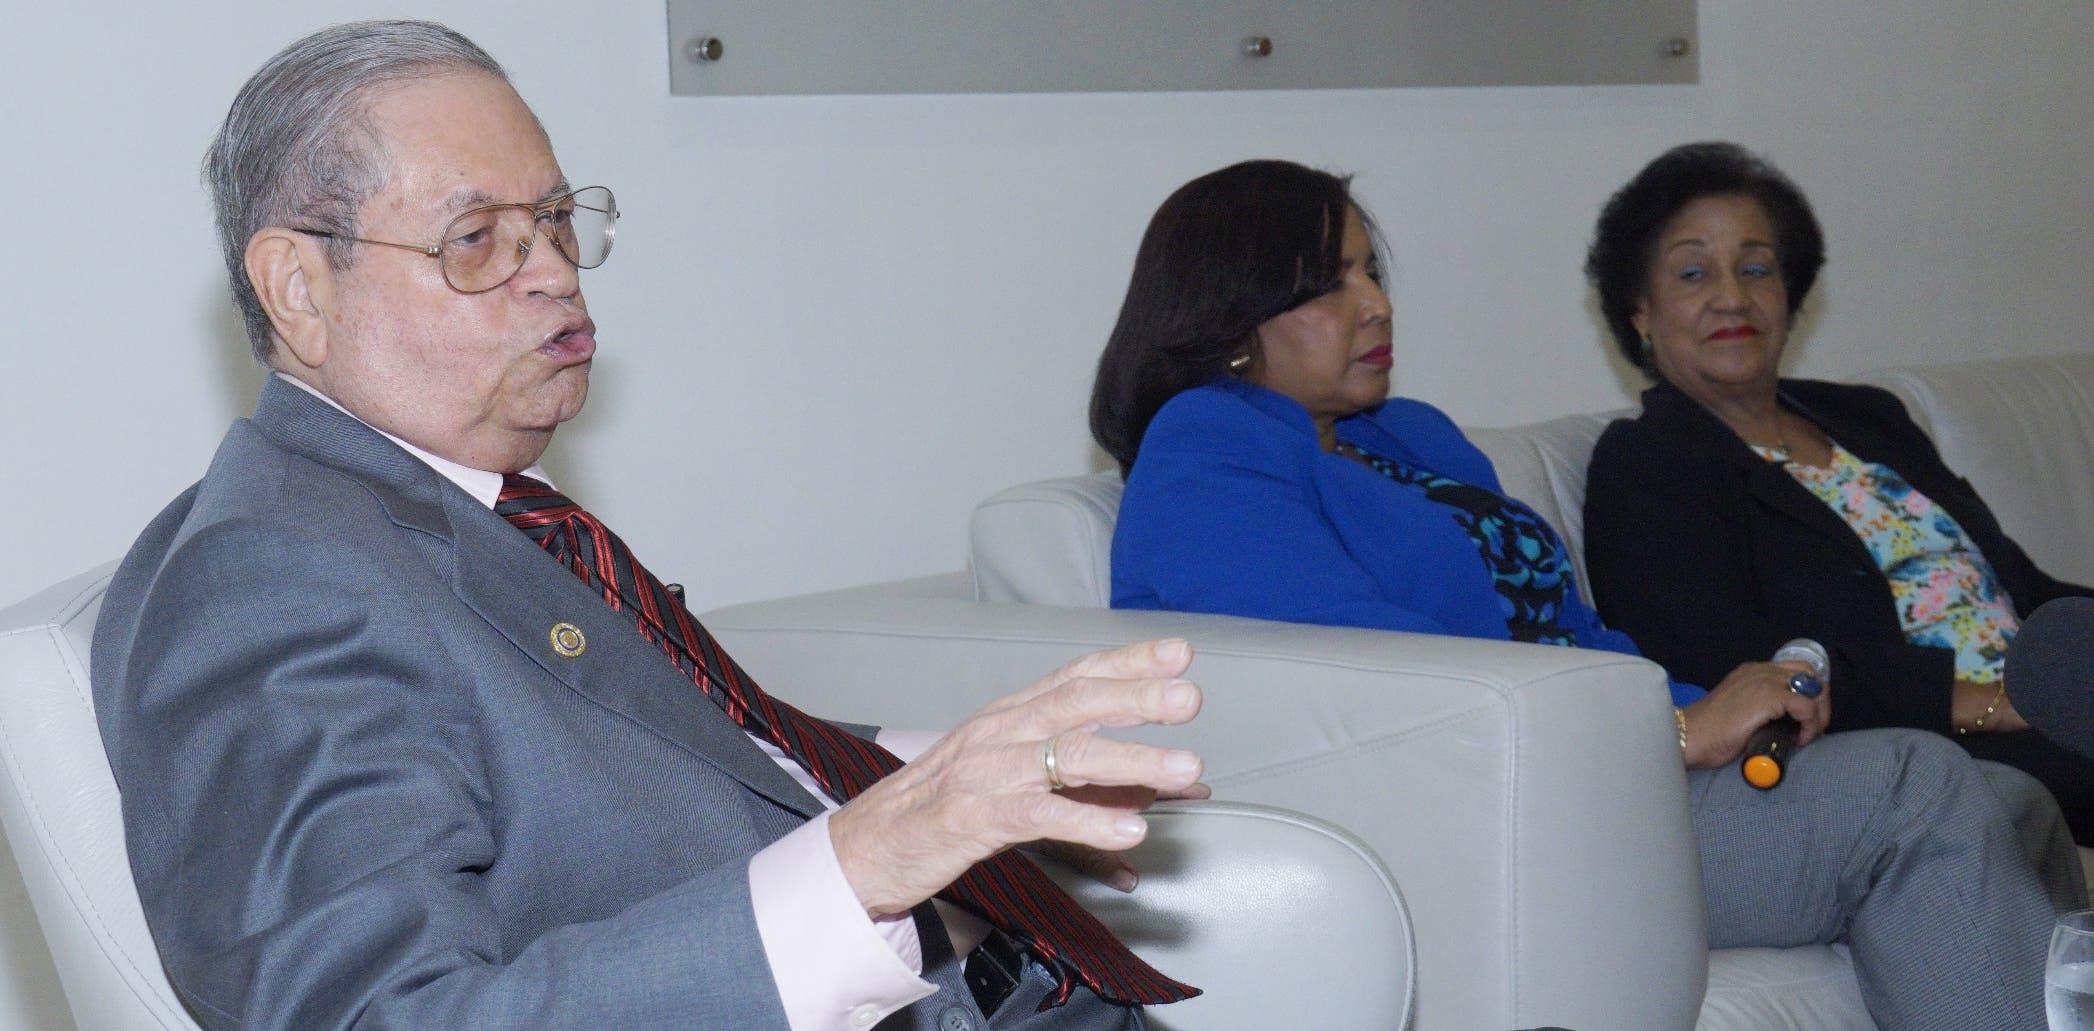 El rector y fundador de la UTE, Nicolás Almánzar, junto a las decanas Rhina de los Santos y Victoria Jérez durante el Almuerzo del Grupo Corripio.   Elieser Tapia.